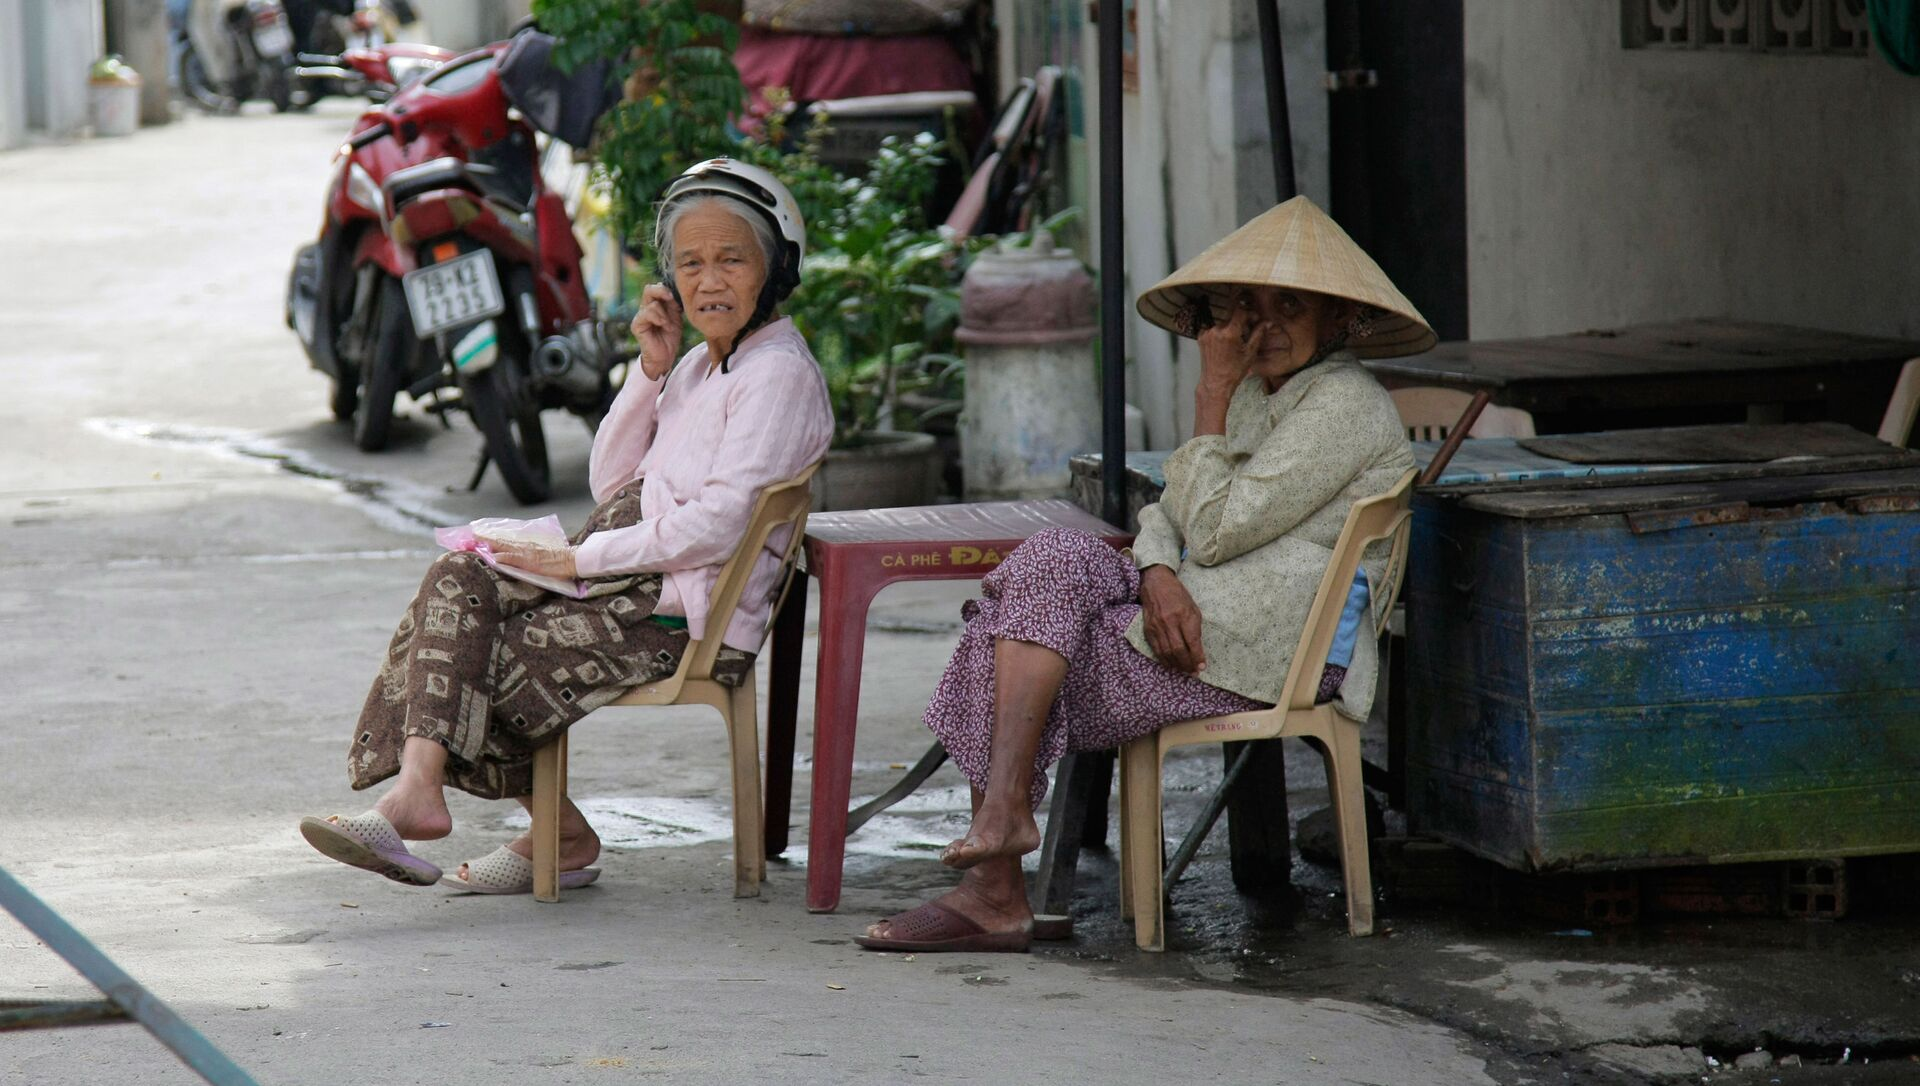 Cư dân thành phố Nha Trang, Việt Nam - Sputnik Việt Nam, 1920, 20.03.2021